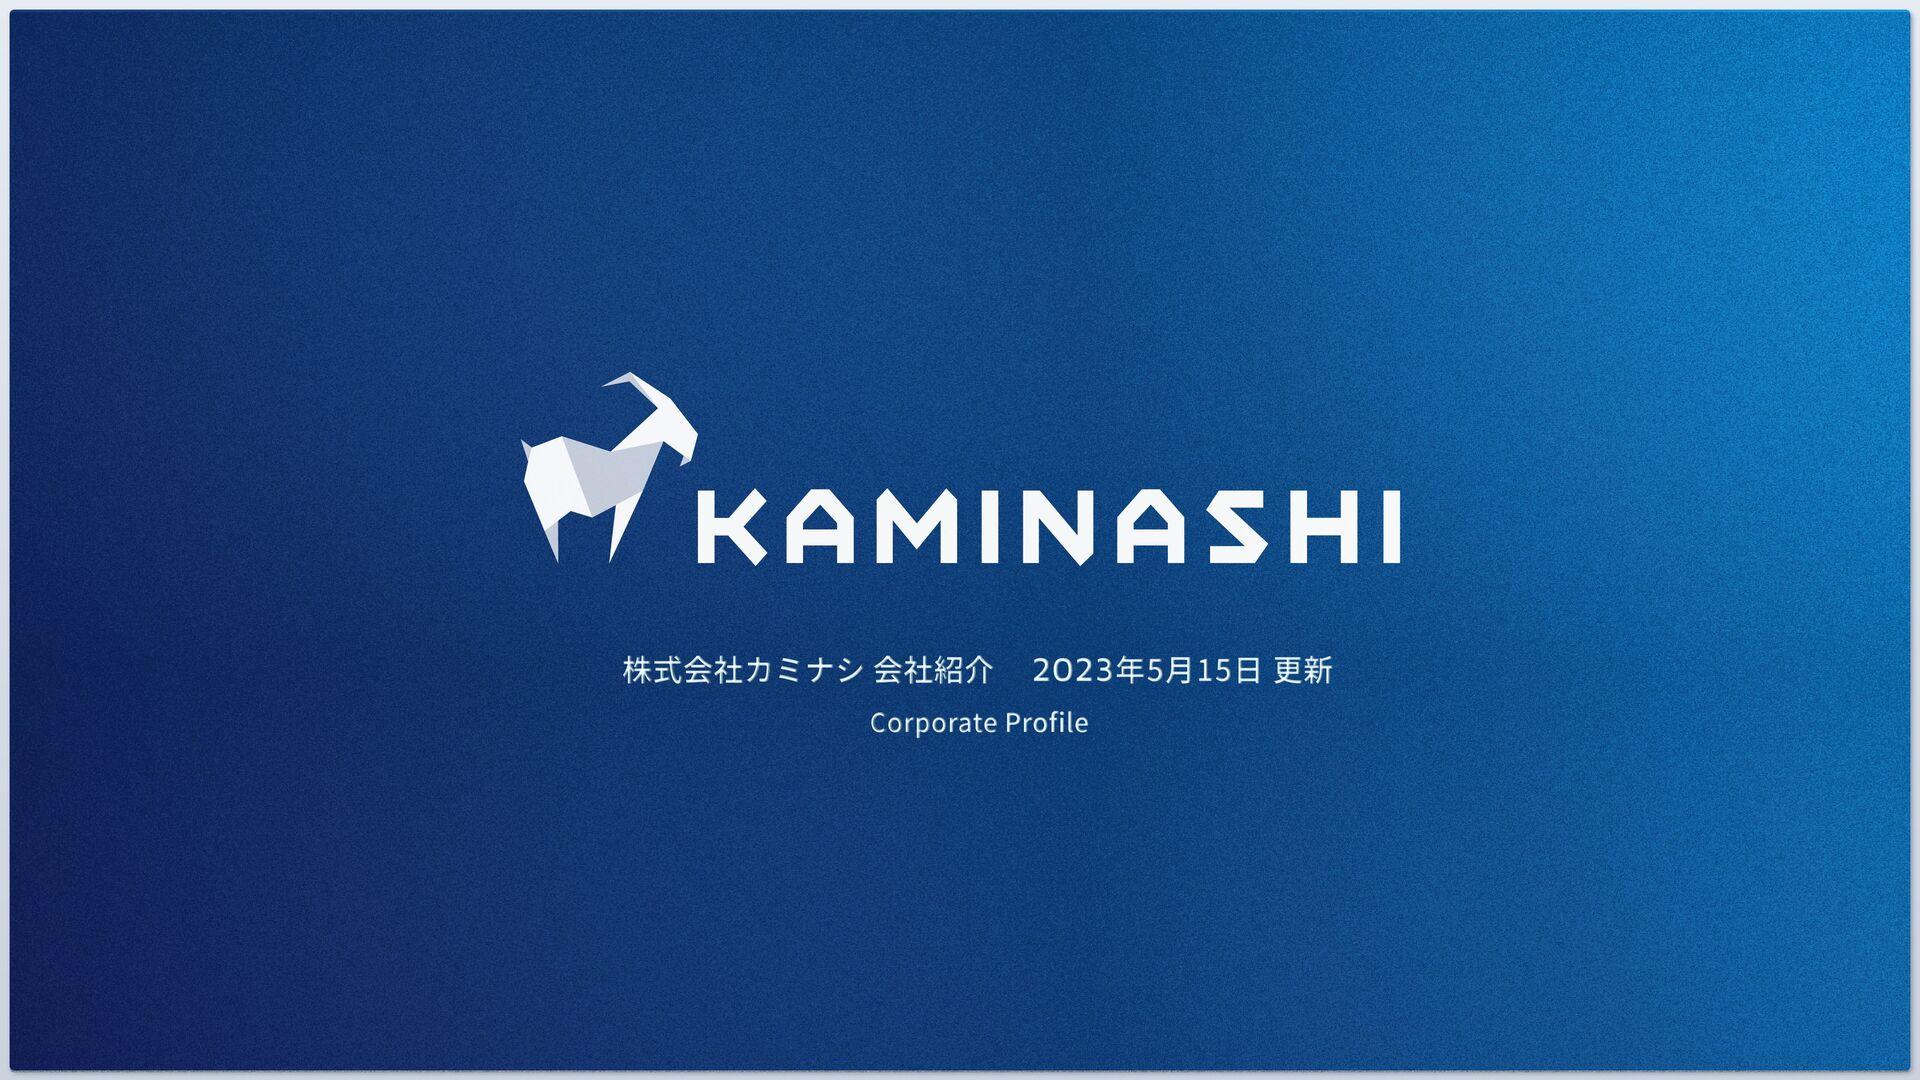 カミナシ 会社説明資料 Ver2021.3.4